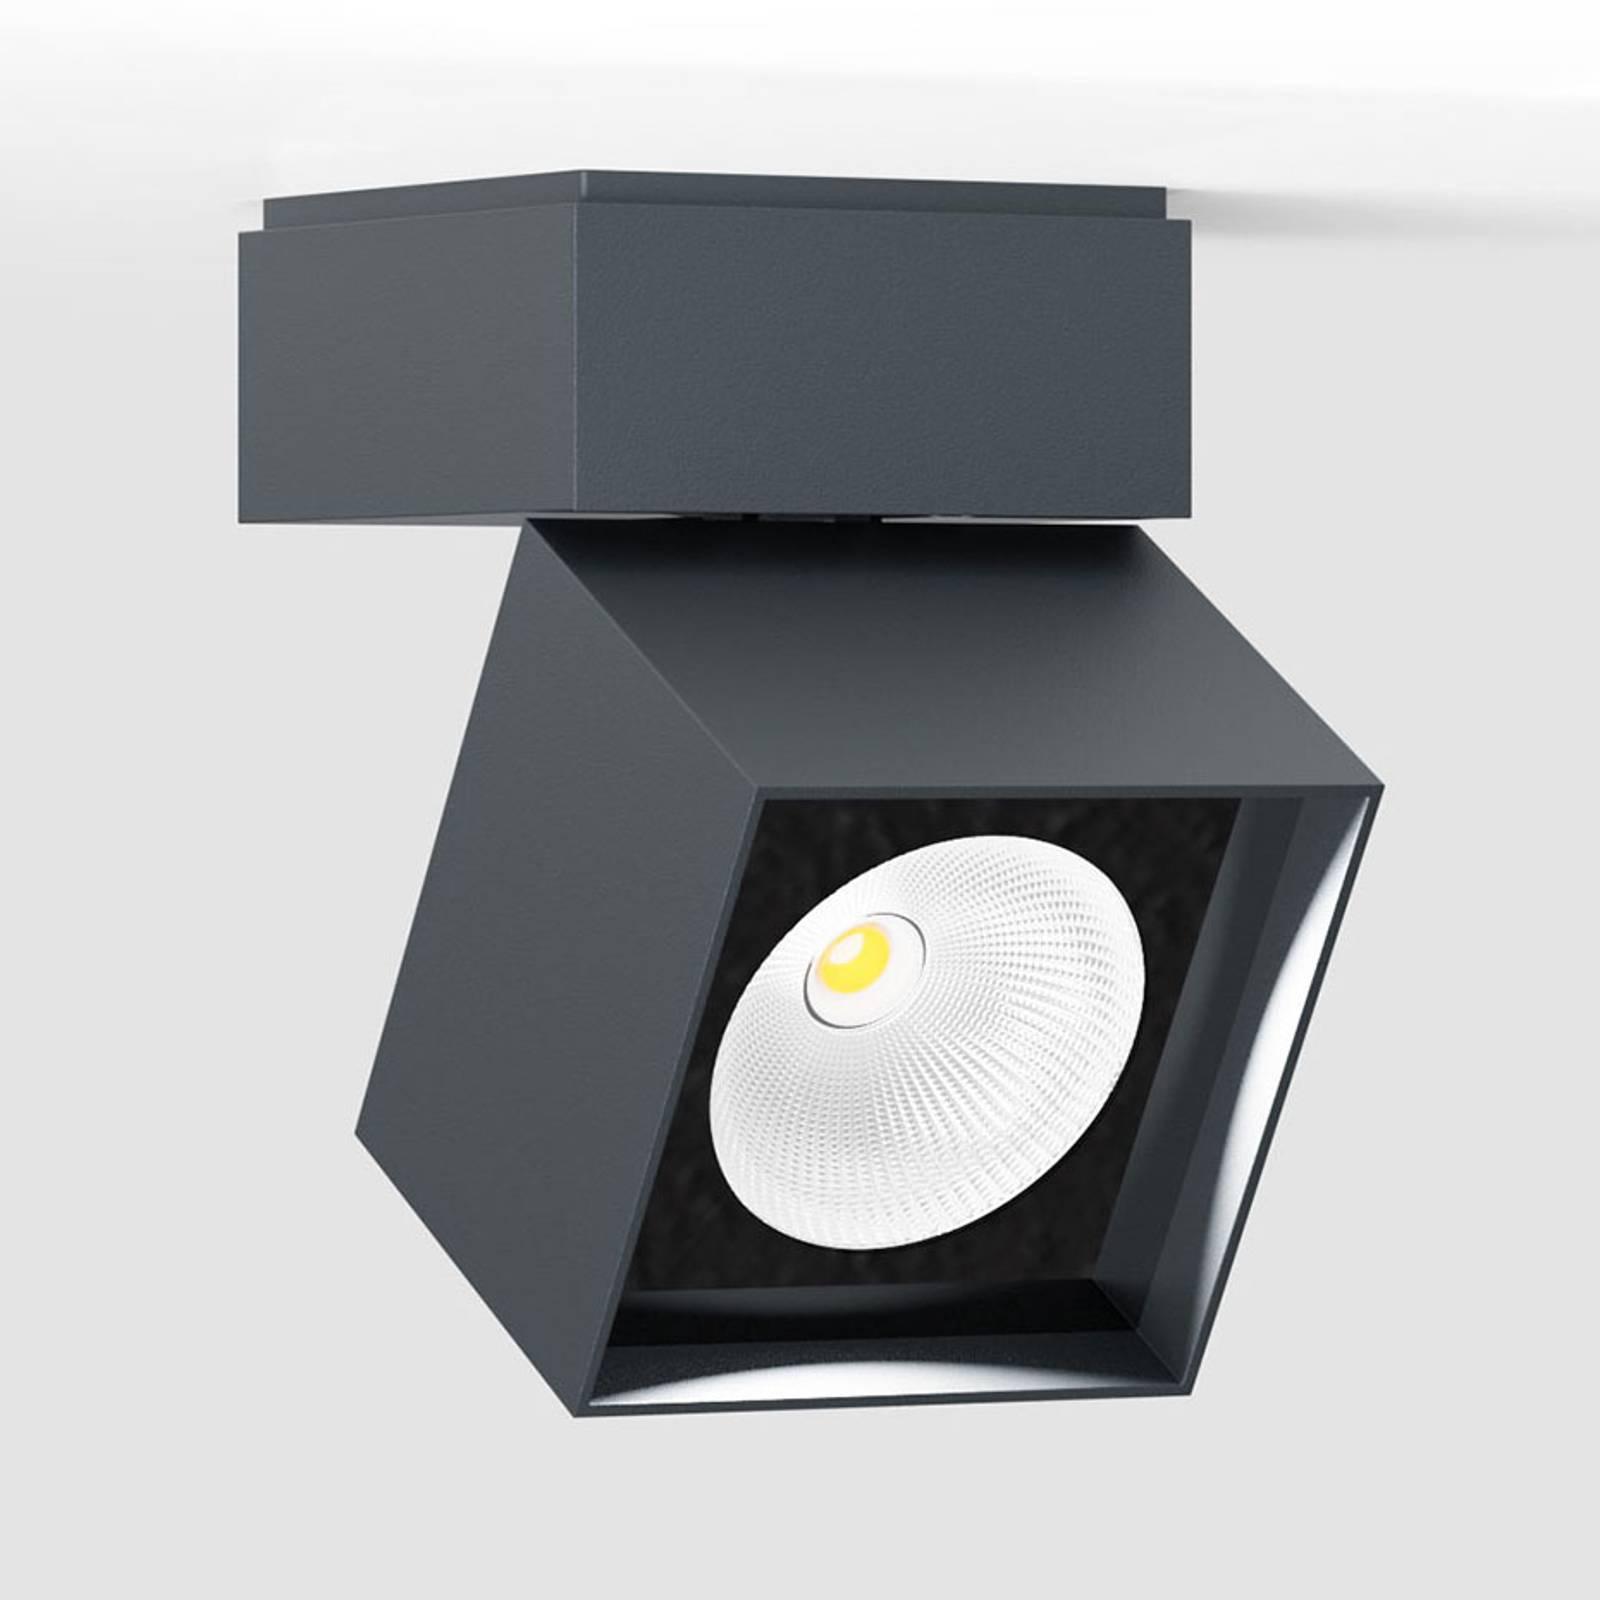 IP44.de pro S lampa sufitowa zewnętrzna LED kątowa